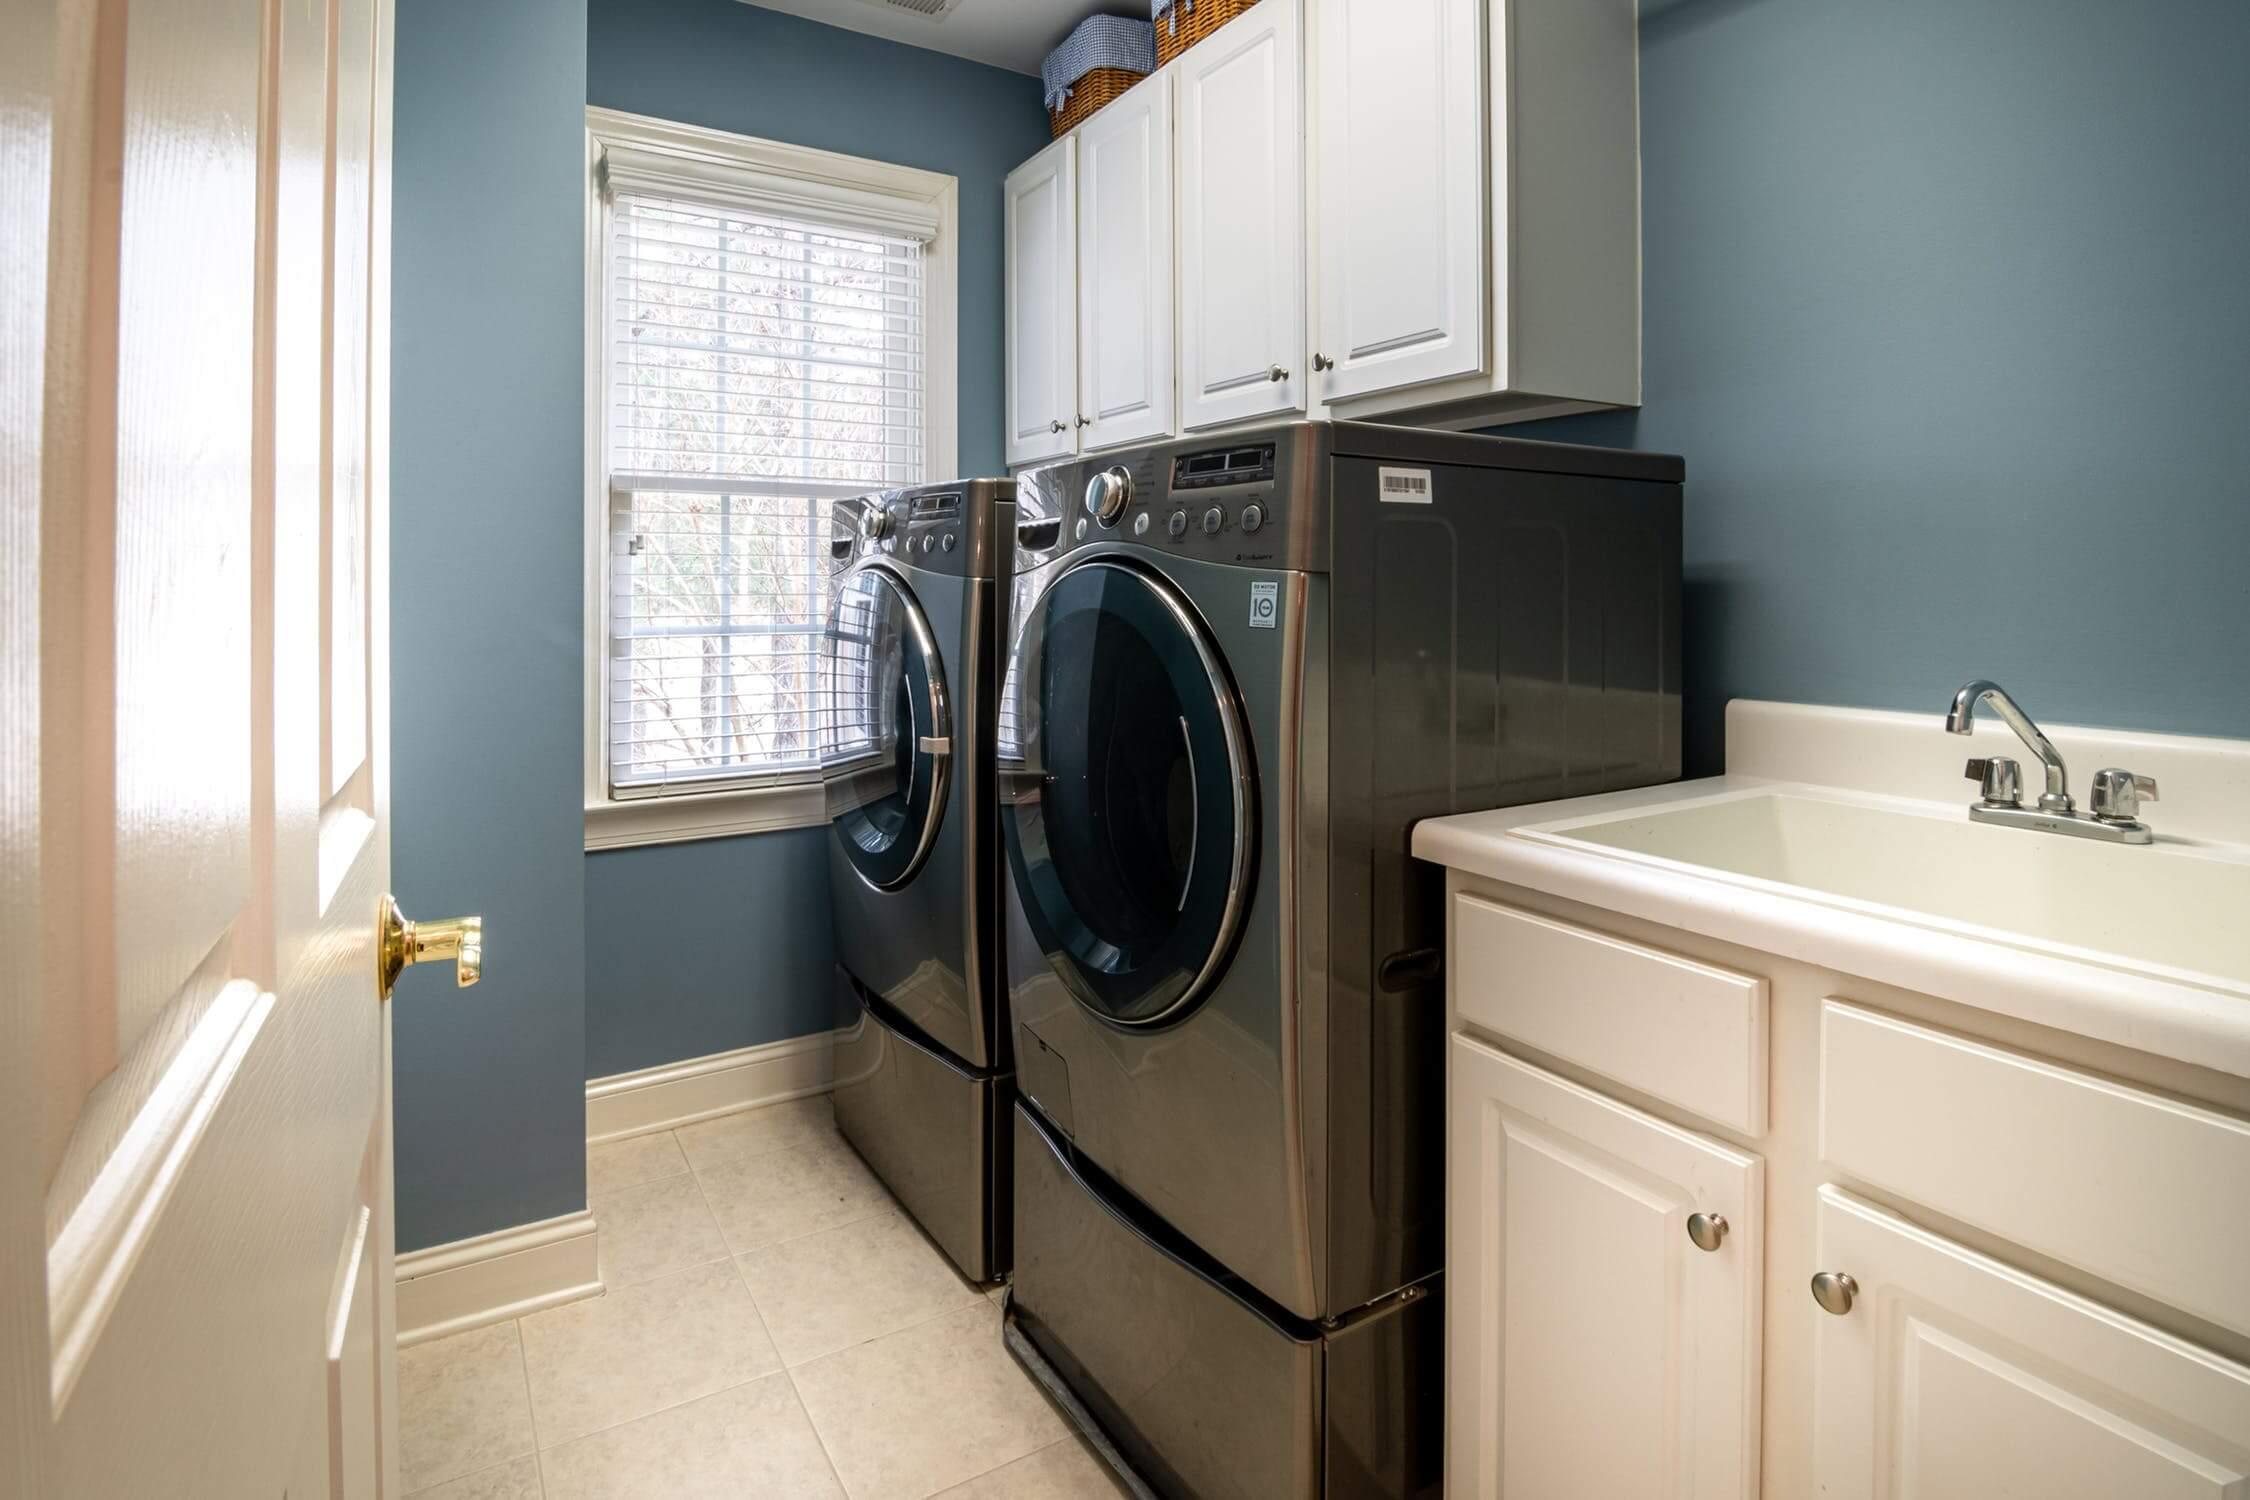 Installation Vaskemaskine Vaskemaskine Tilslutning I Kokken Eller Badevaerelse